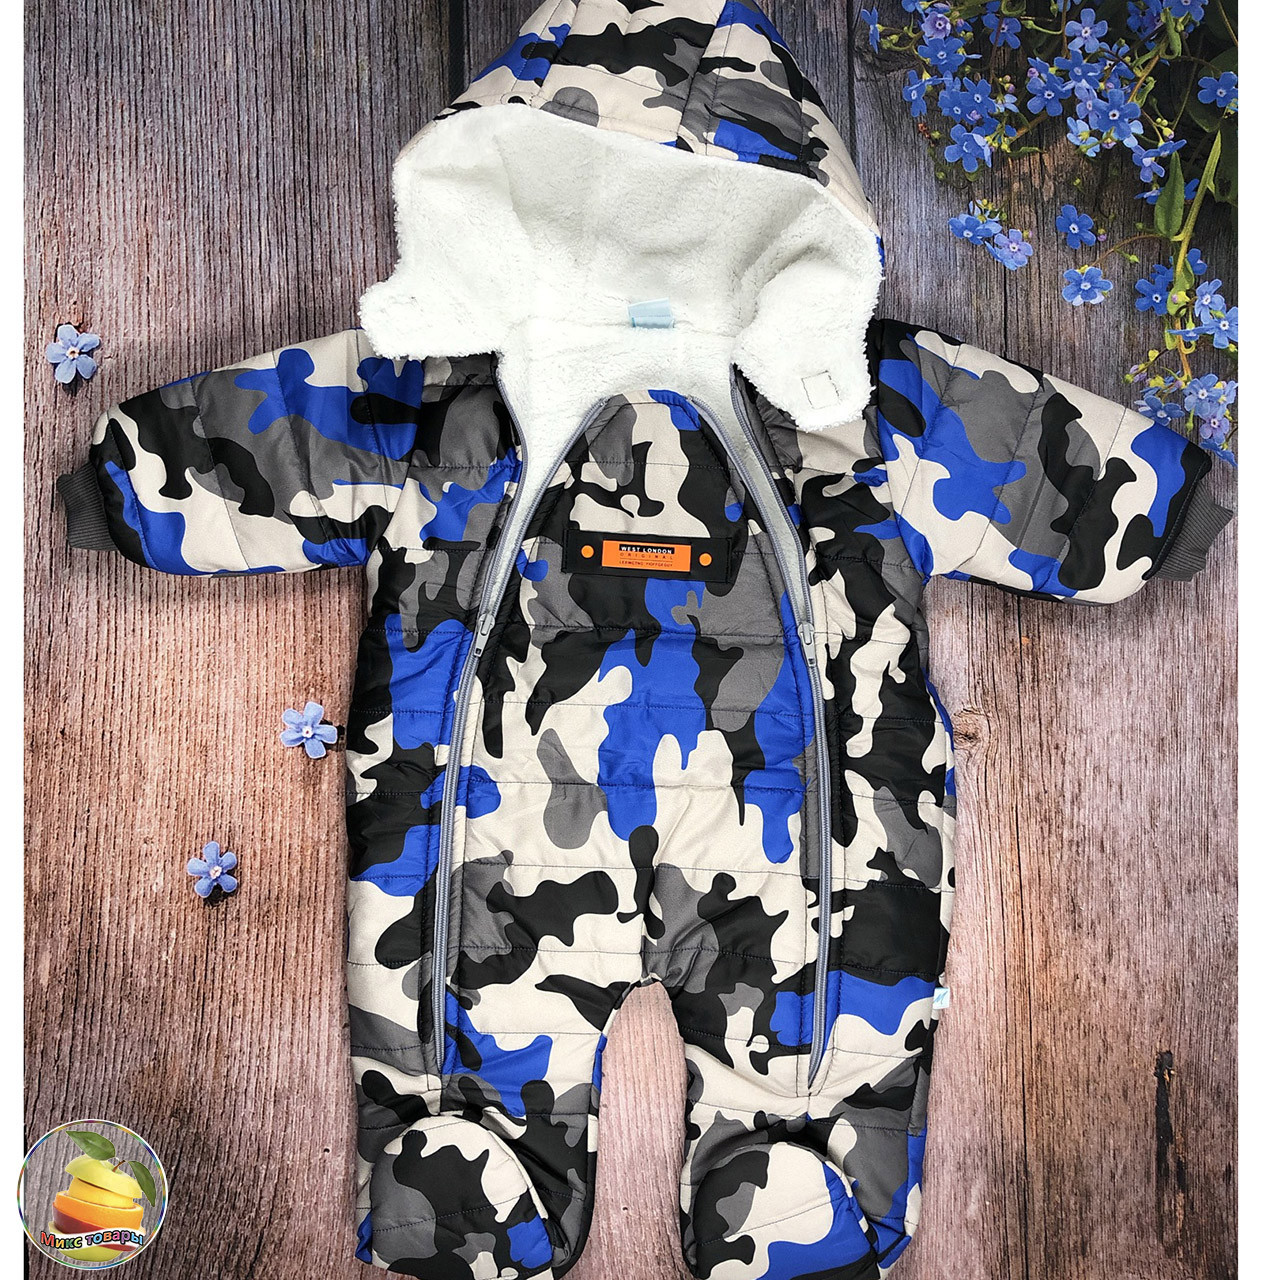 Теплі комбінезон - спальник на травичці для дитини Розмір: 3-6,6-9,9-12 місяців (20993)